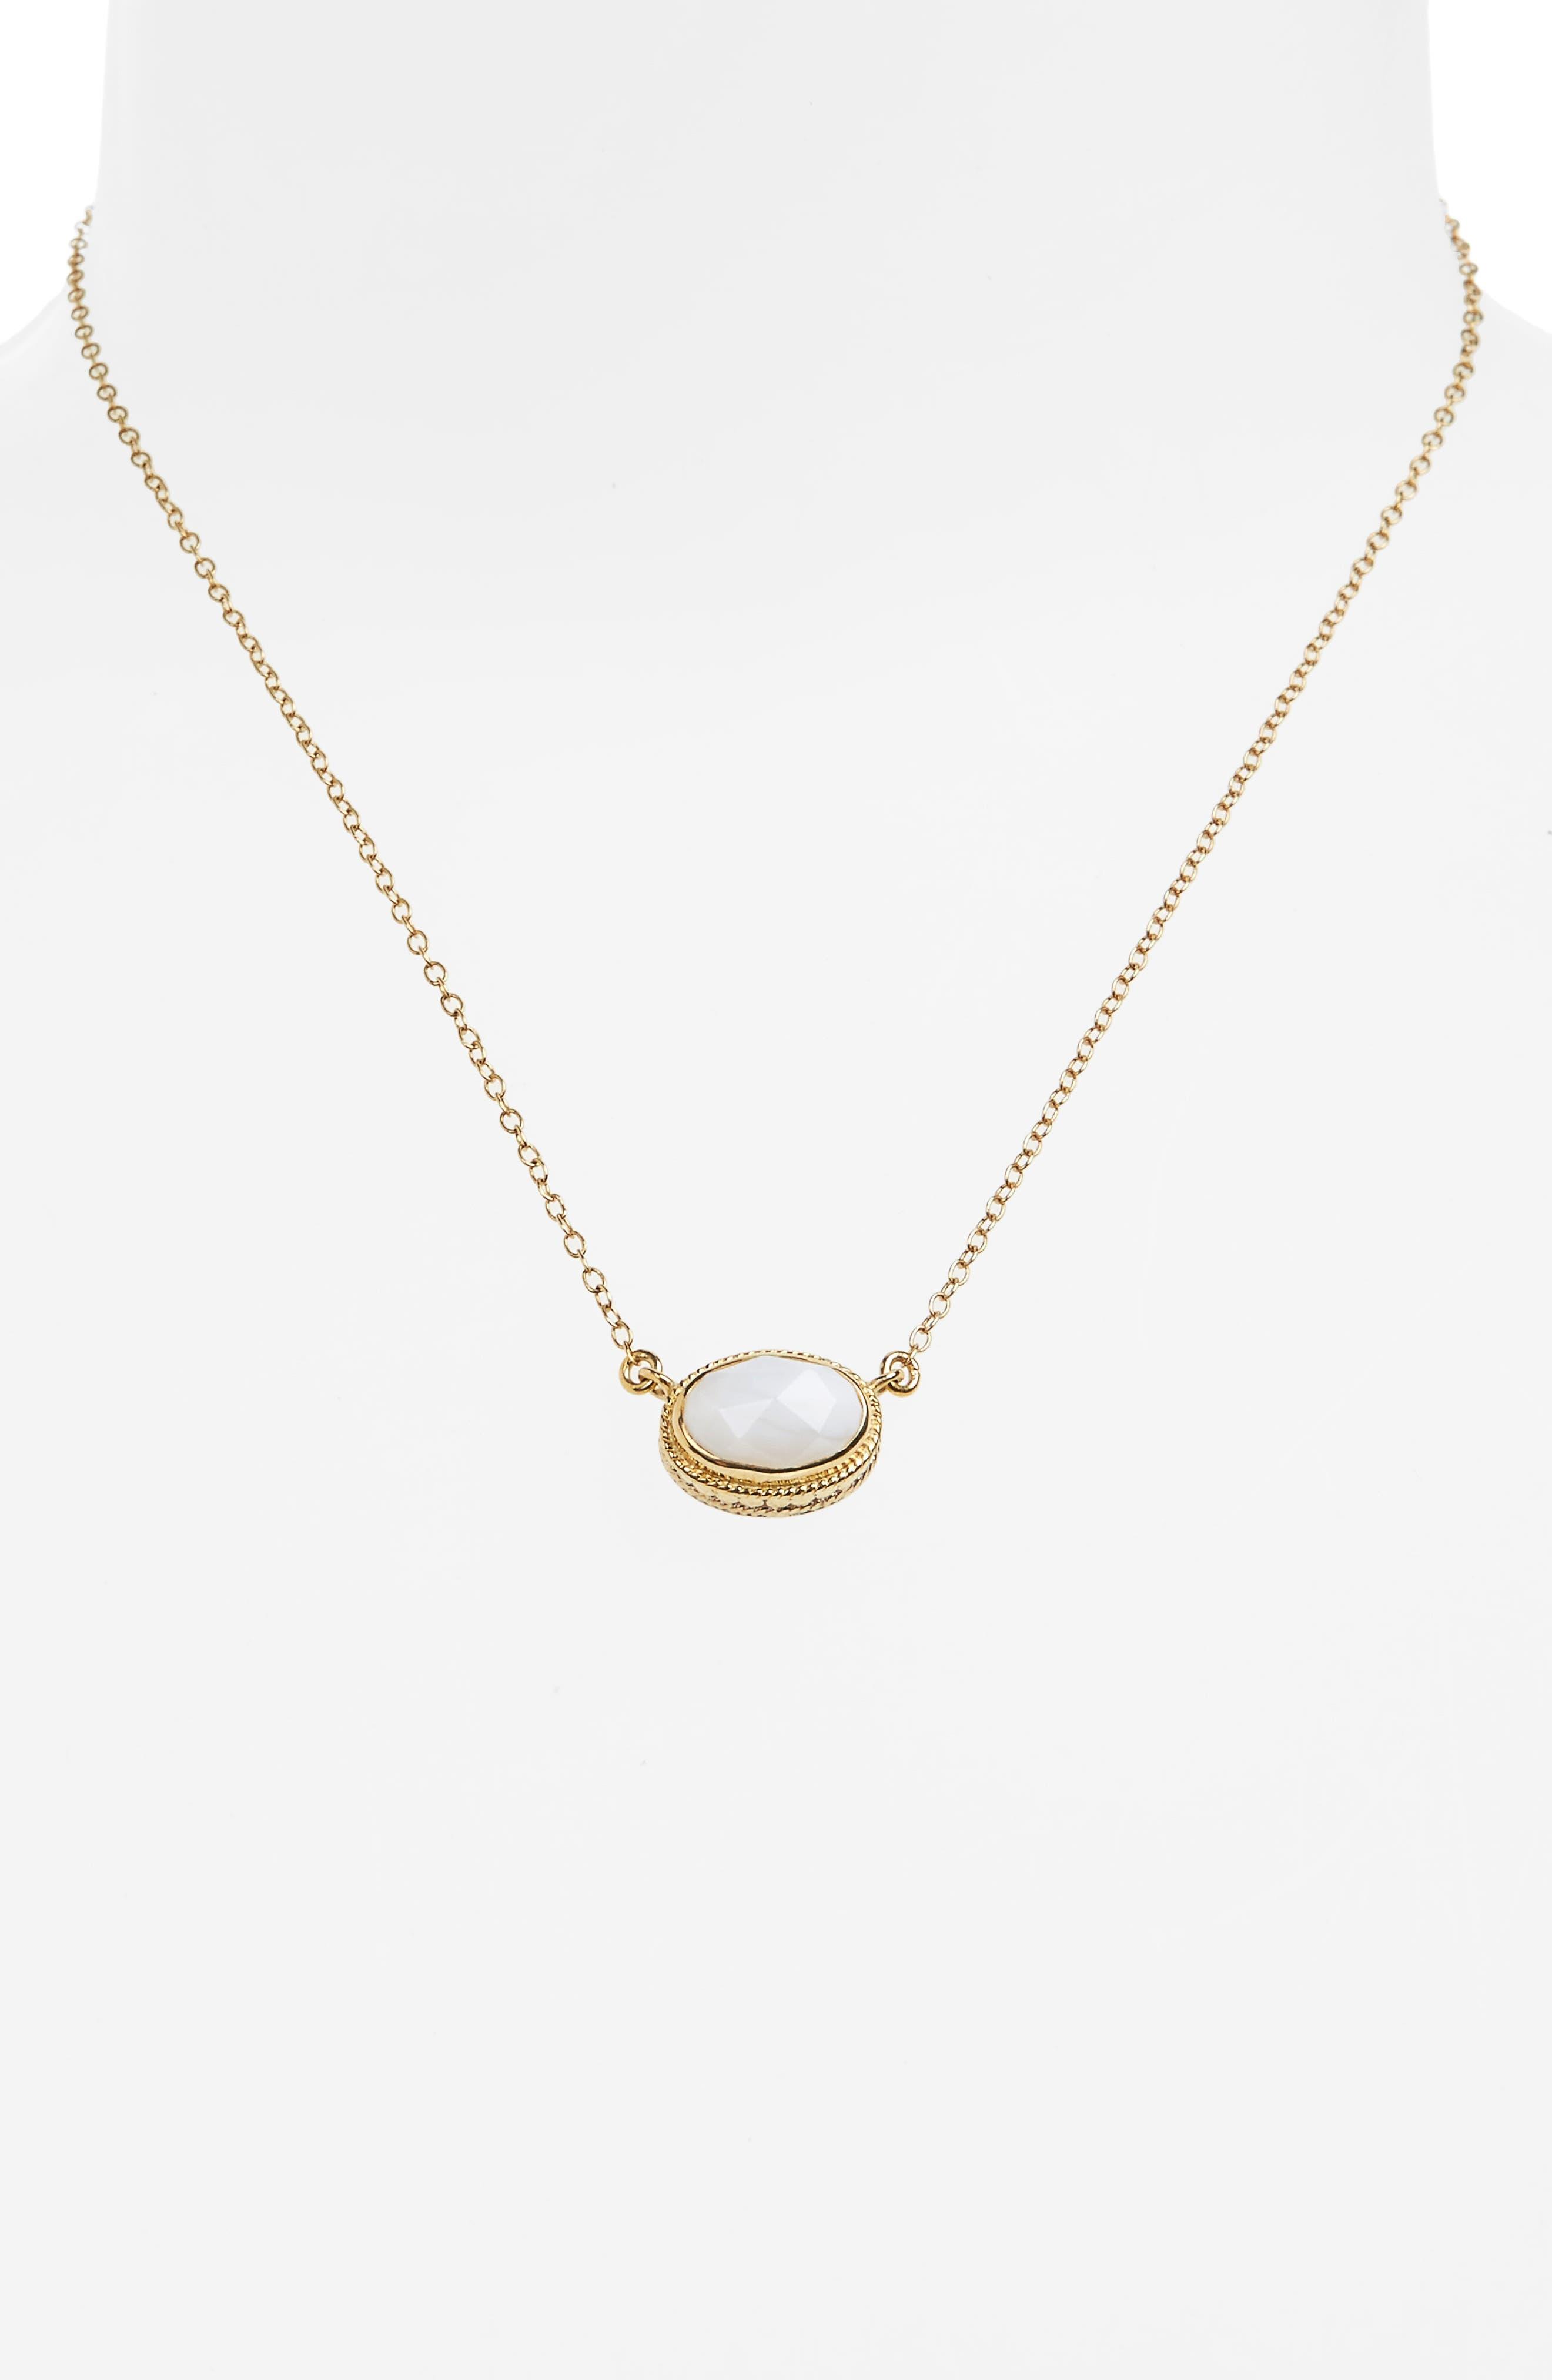 White Opal Pendant Necklace,                             Alternate thumbnail 2, color,                             710